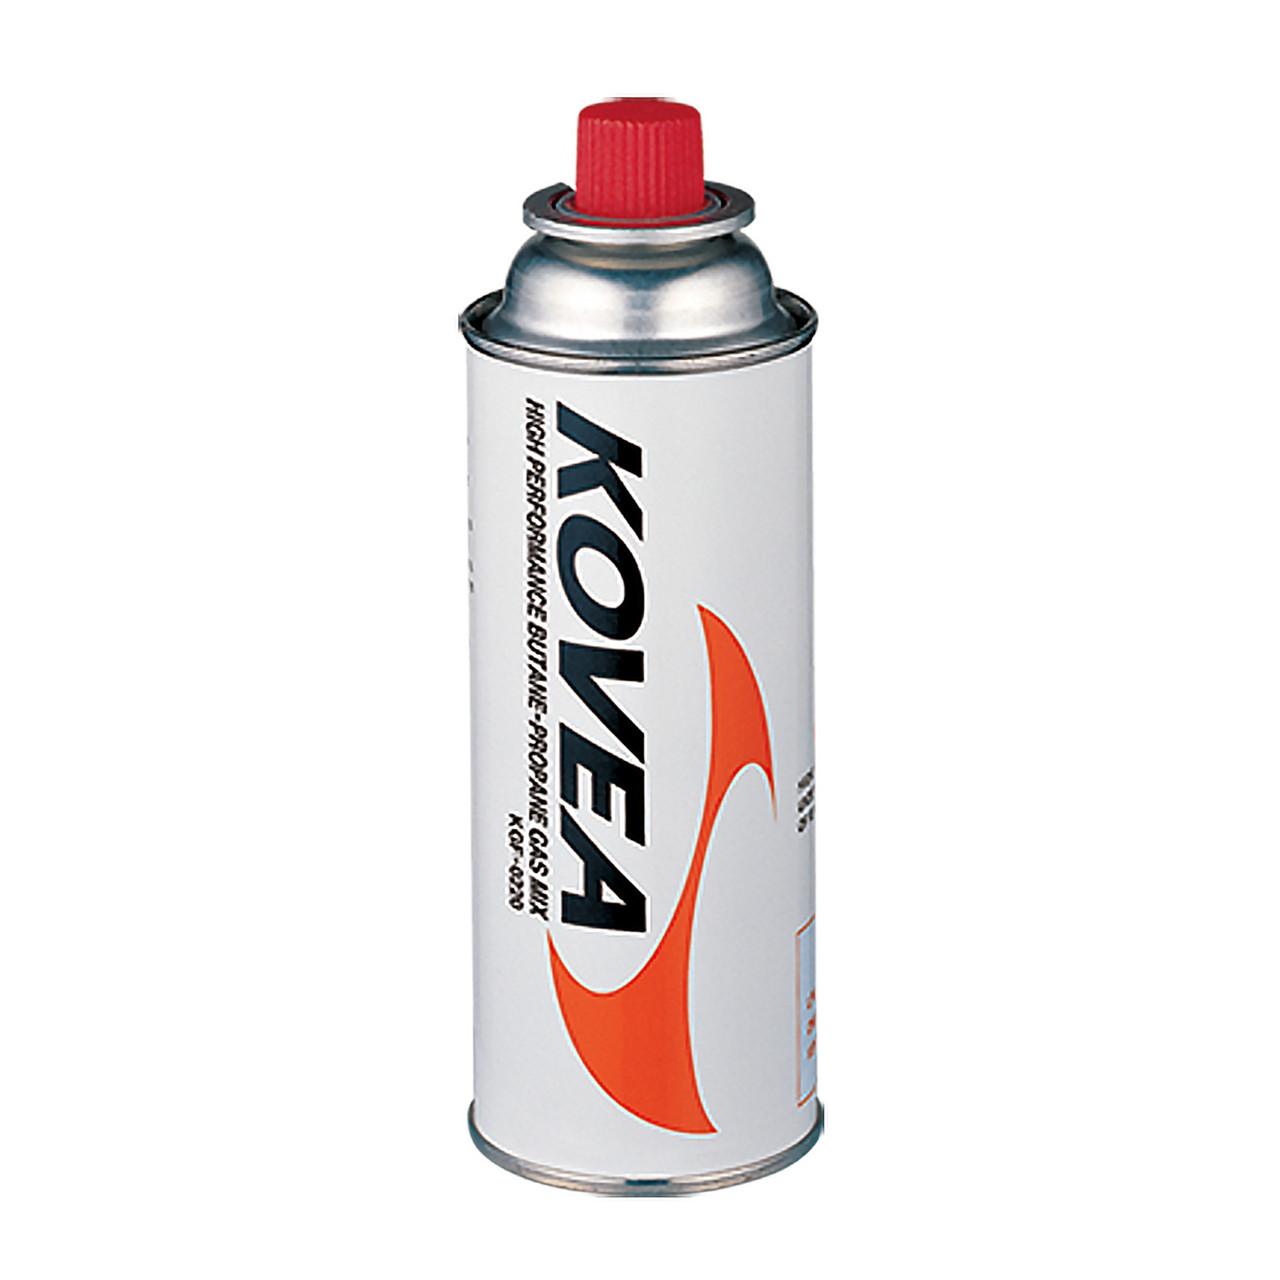 Инструкция цанговый газовый баллон kovea